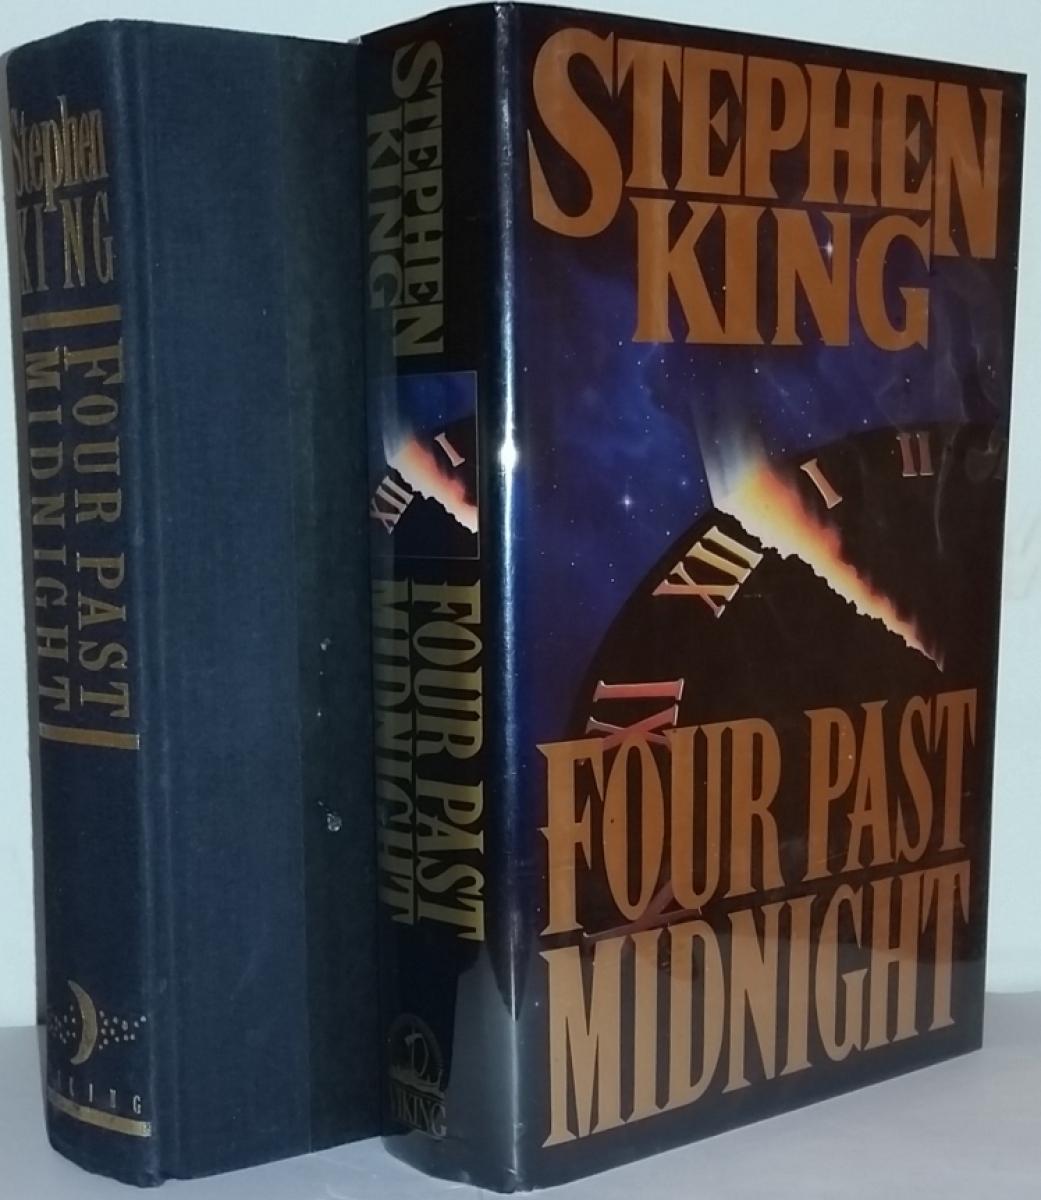 """""""Four Past Midnight"""" - książka i obwoluta - obrazek"""